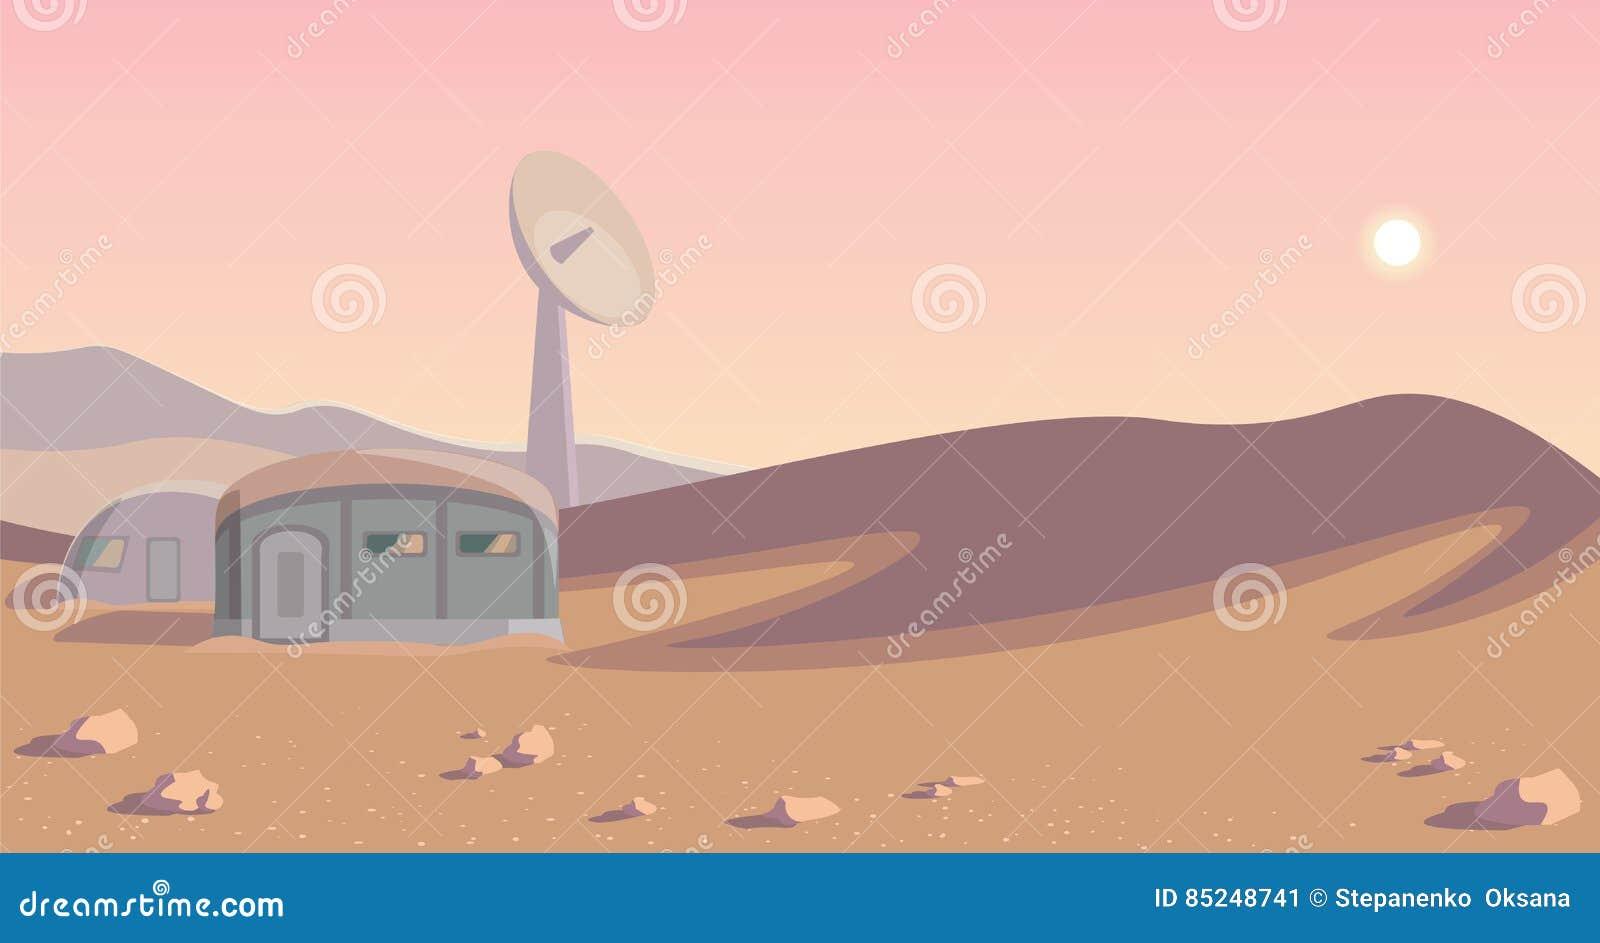 Διαστημικό πανόραμα αποίκισης Αποικία σε άλλο πλανήτη Στρογγυλευμένος lineart χαλά